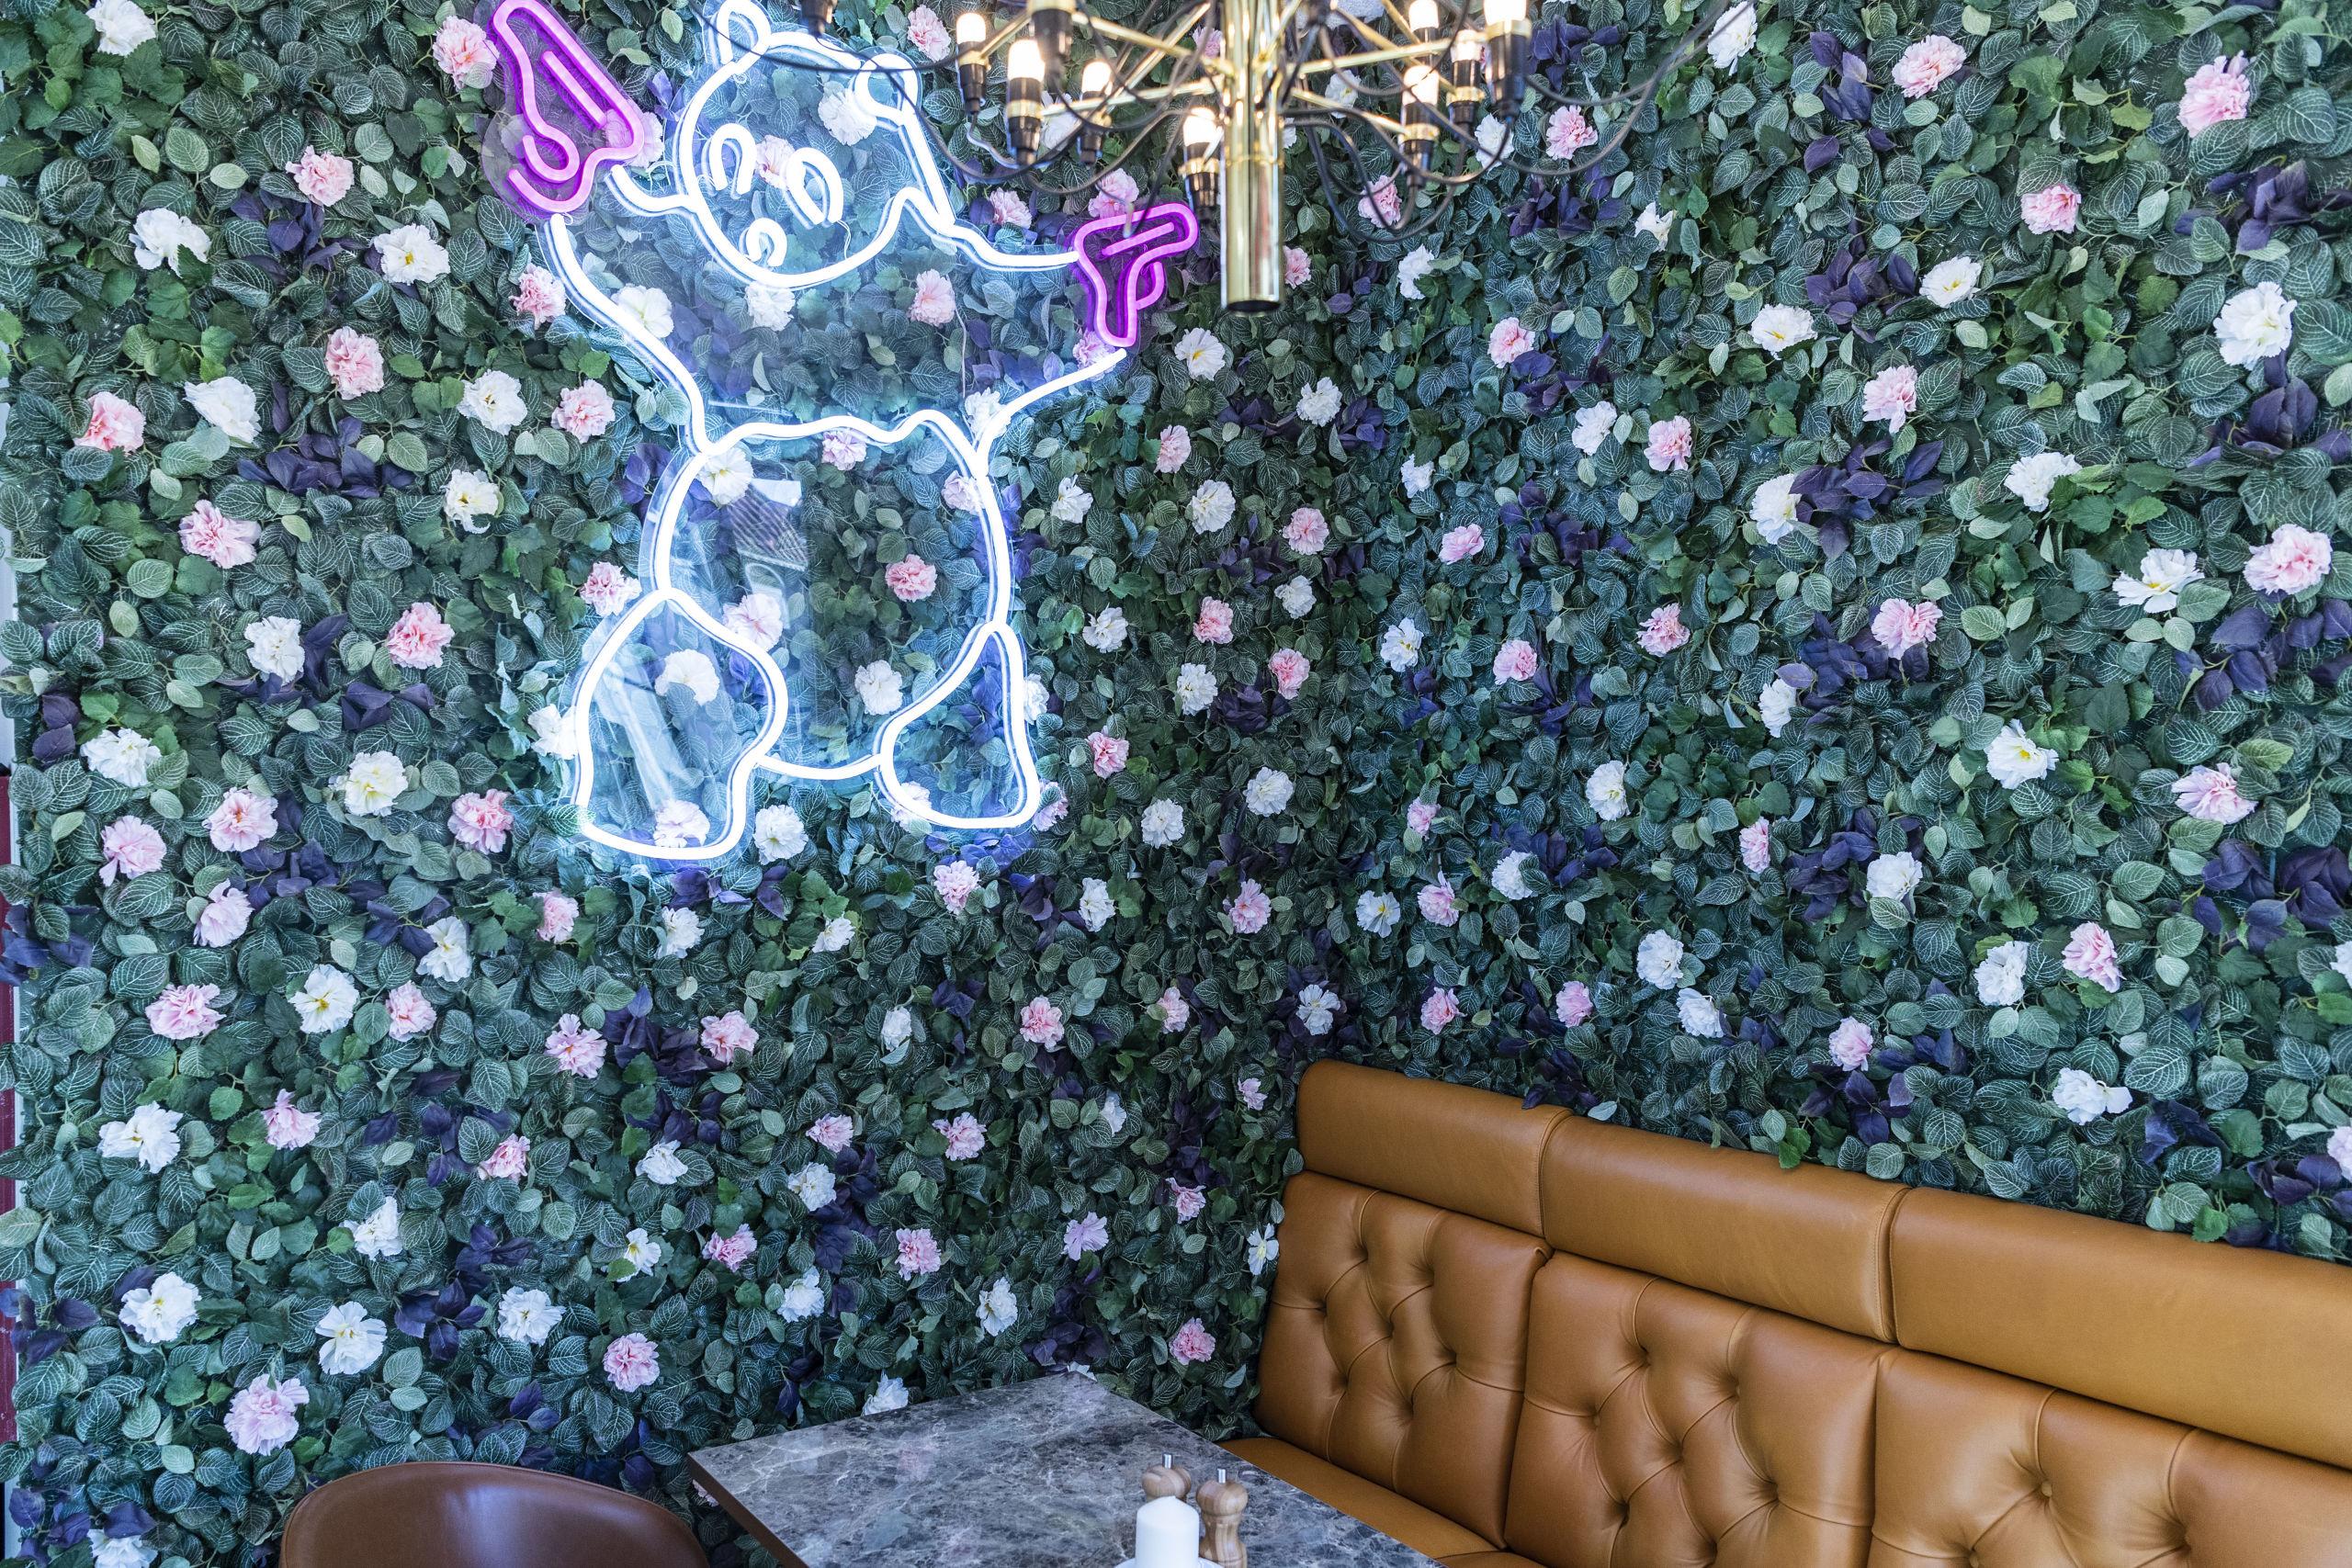 Caféen vil gerne skille sig ud og have sit helt eget udtryk. Foto: Kim Dahl Hansen